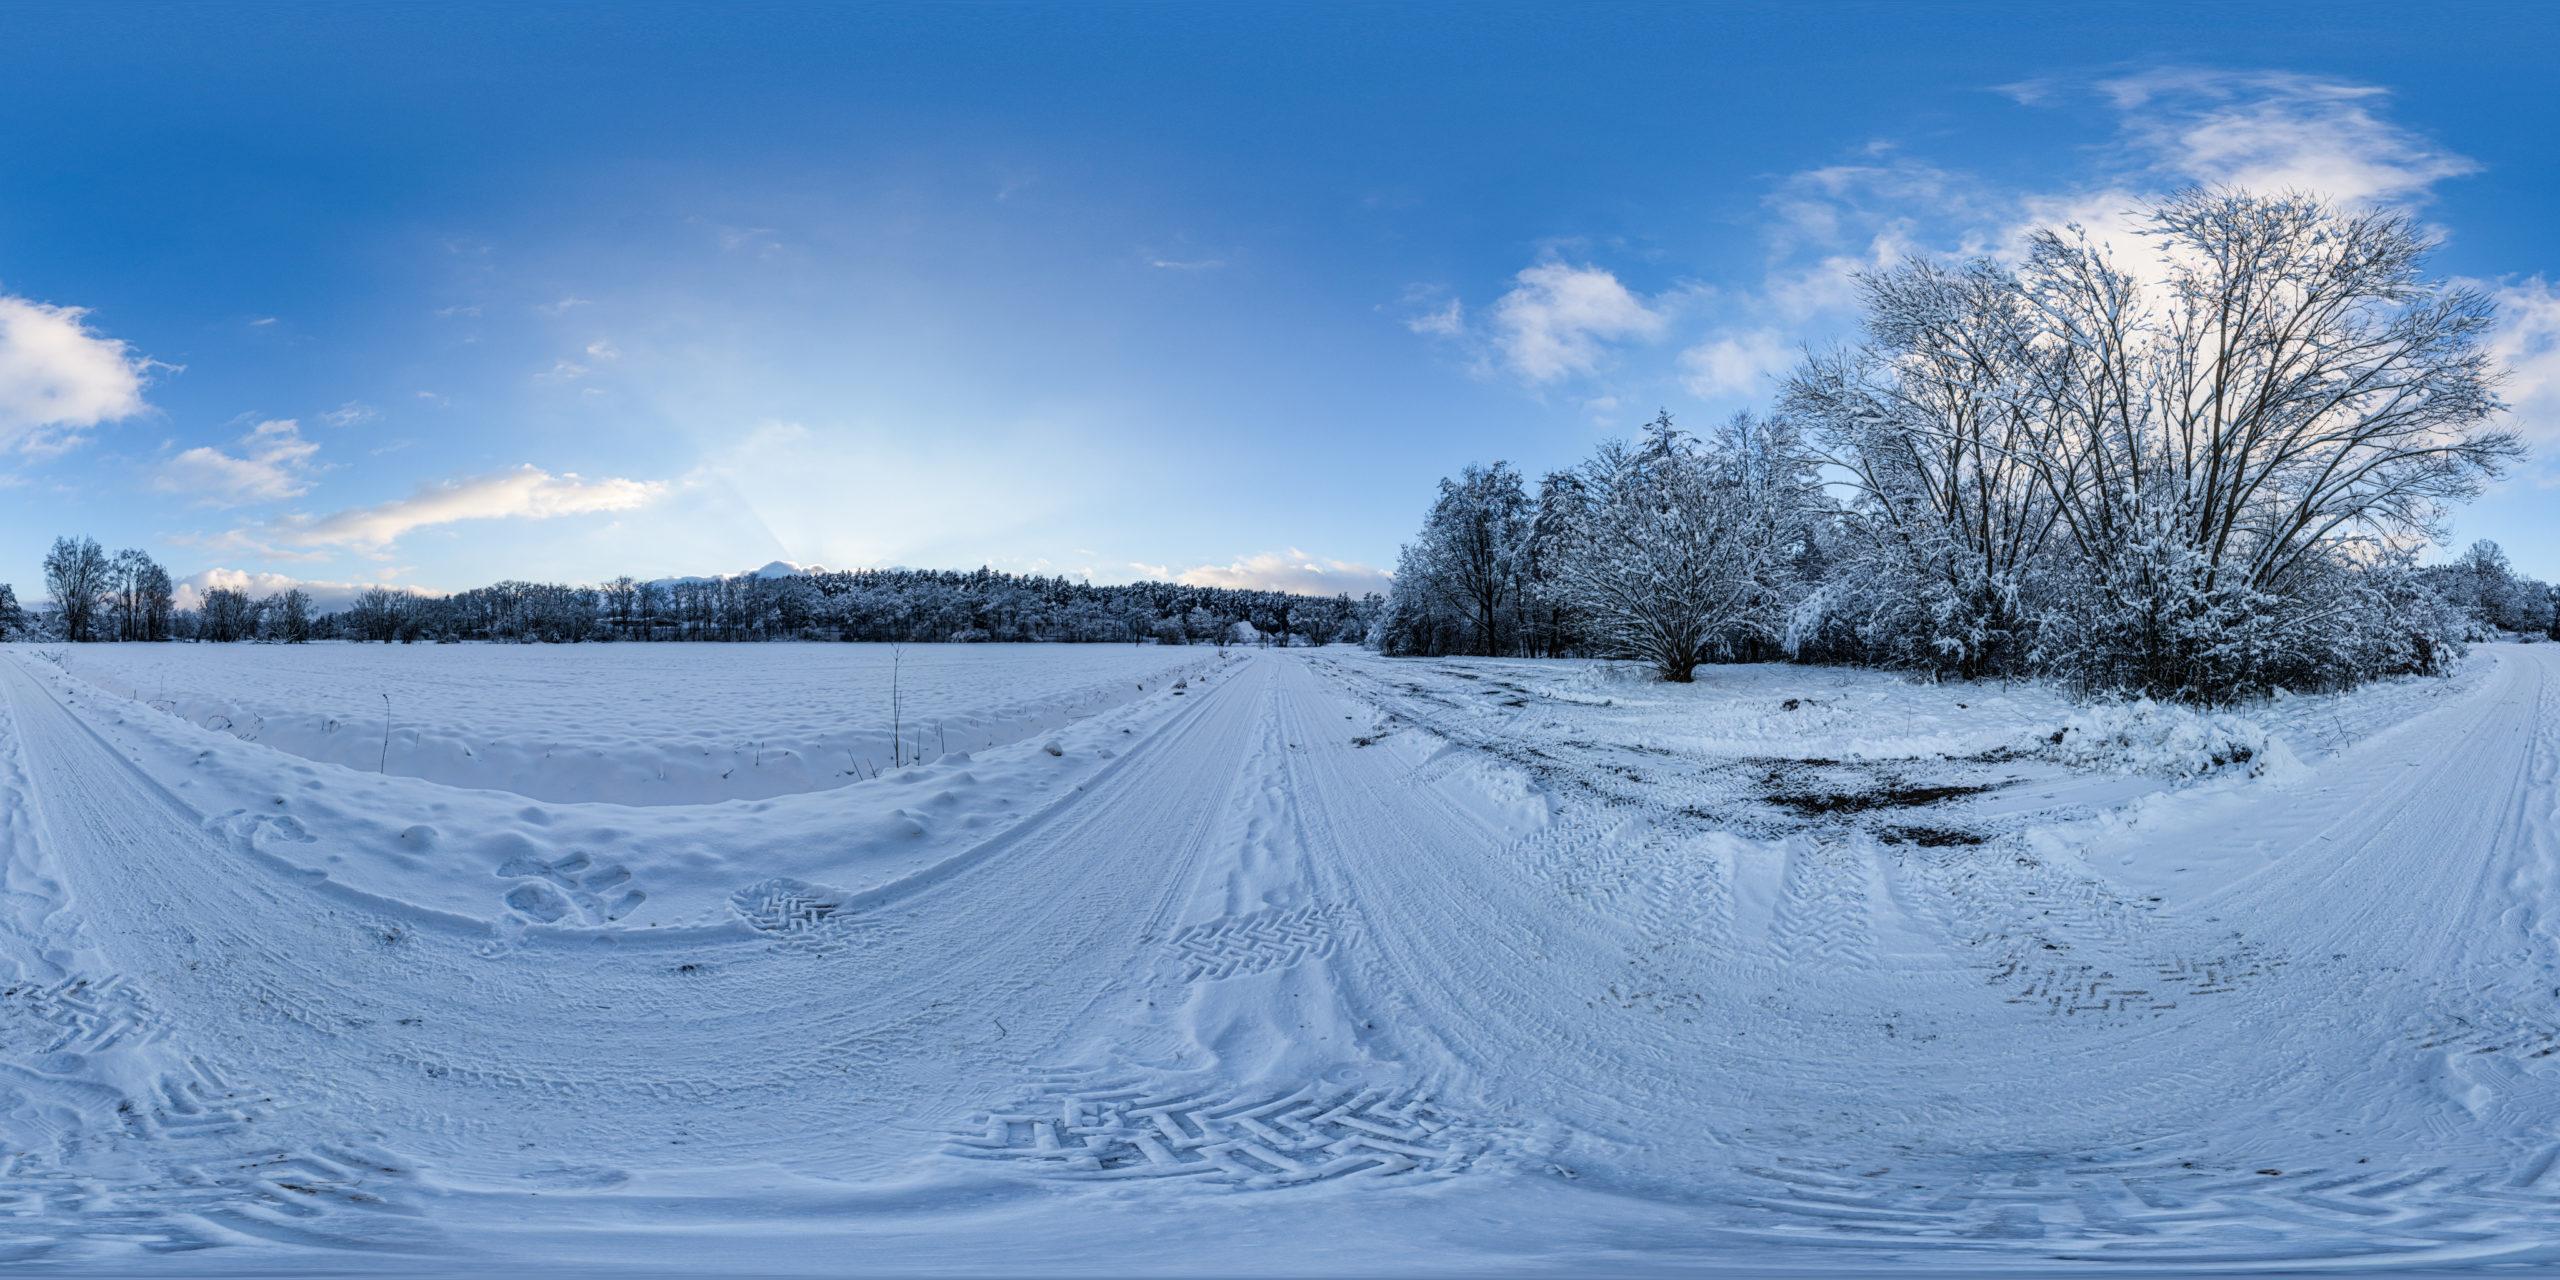 HDRI-Skies-Snowy-Path-Schwäbische-Rezat